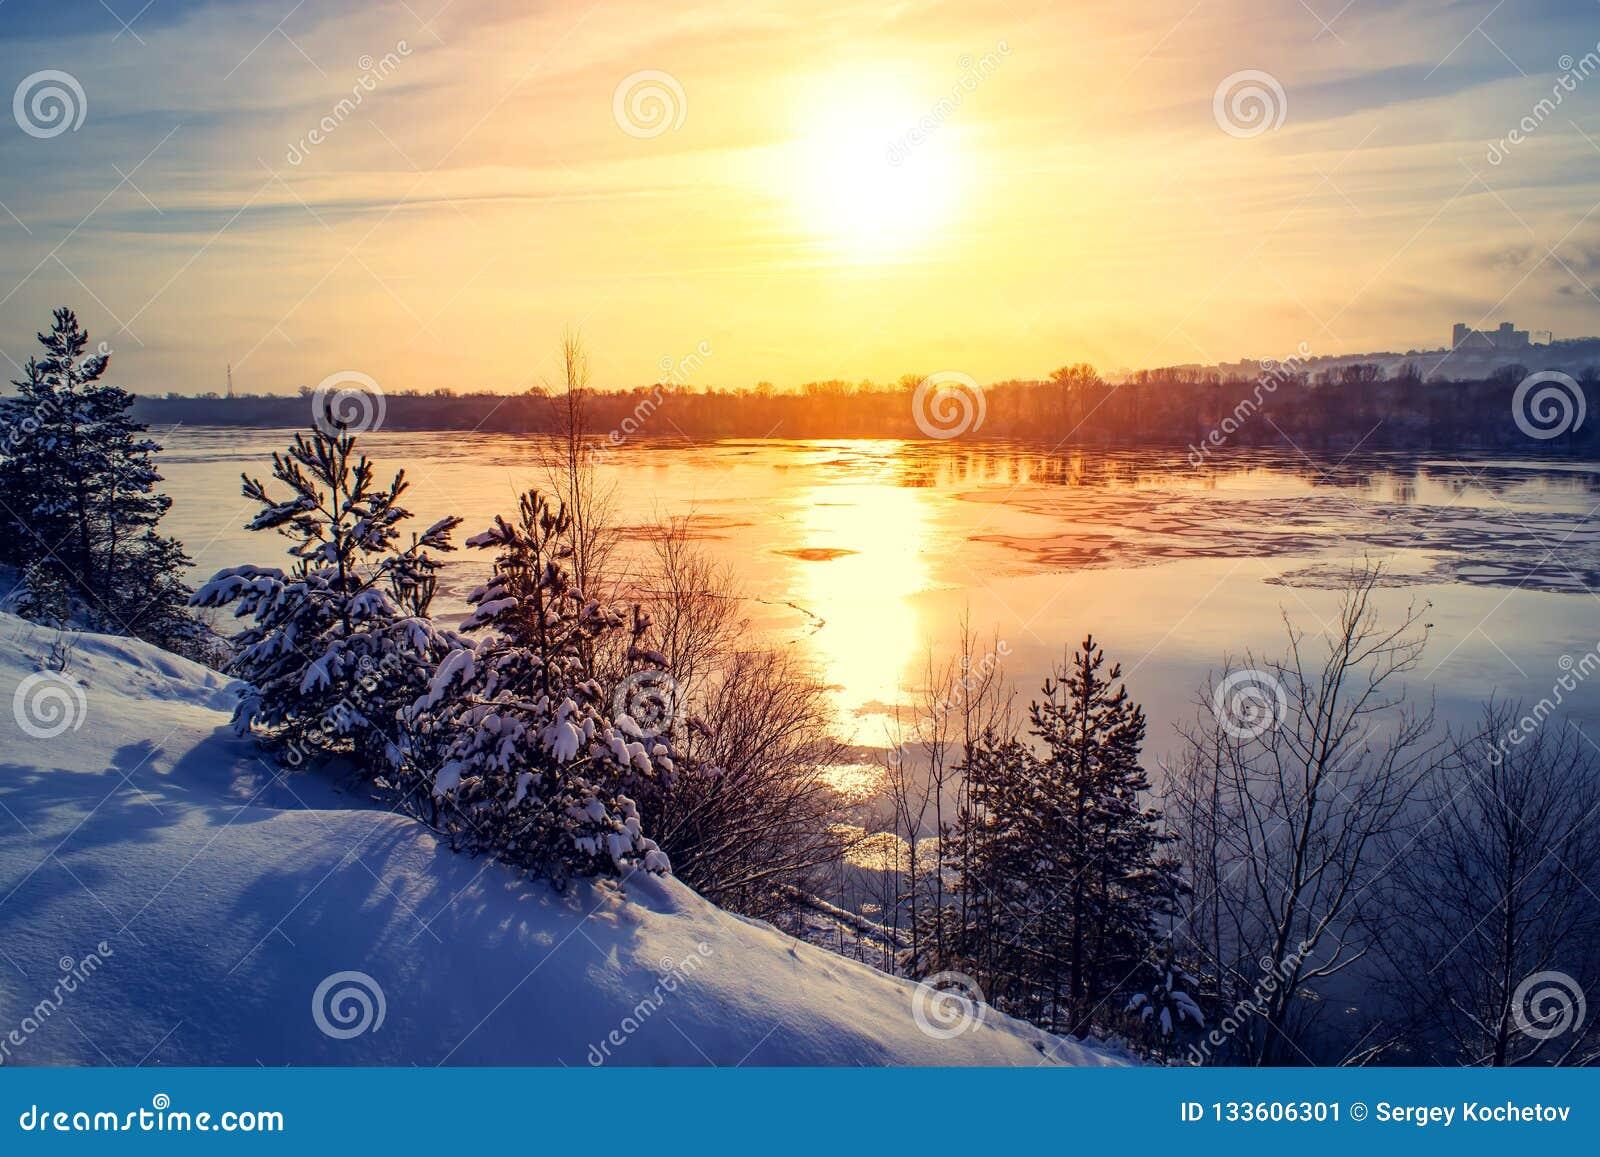 Τοπίο οριζόντων ποταμών φύσης χειμερινού χιονιού ηλιοβασιλέματος Δασική άποψη ηλιοβασιλέματος ποταμών χειμερινού χιονιού Χιόνι χε